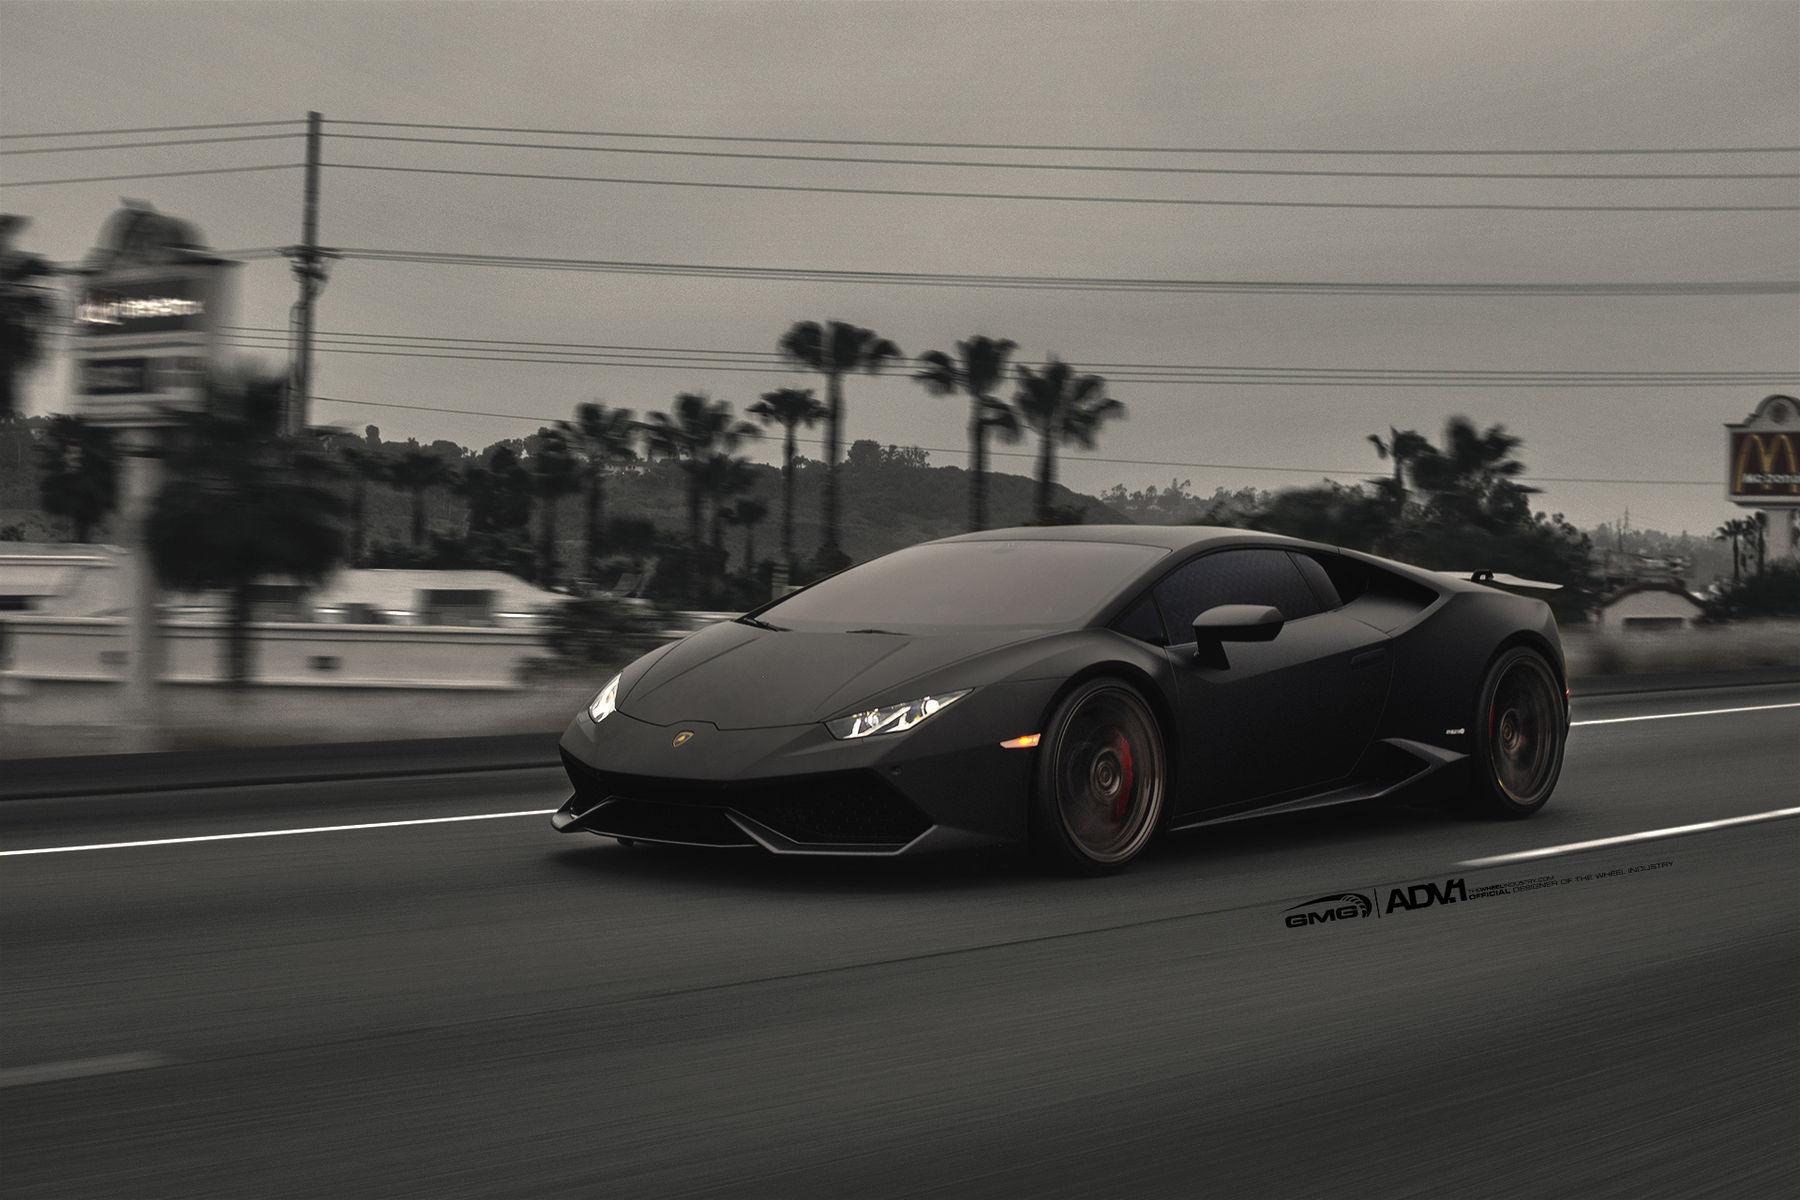 2015 Lamborghini Huracan | Lamborghii Huracan